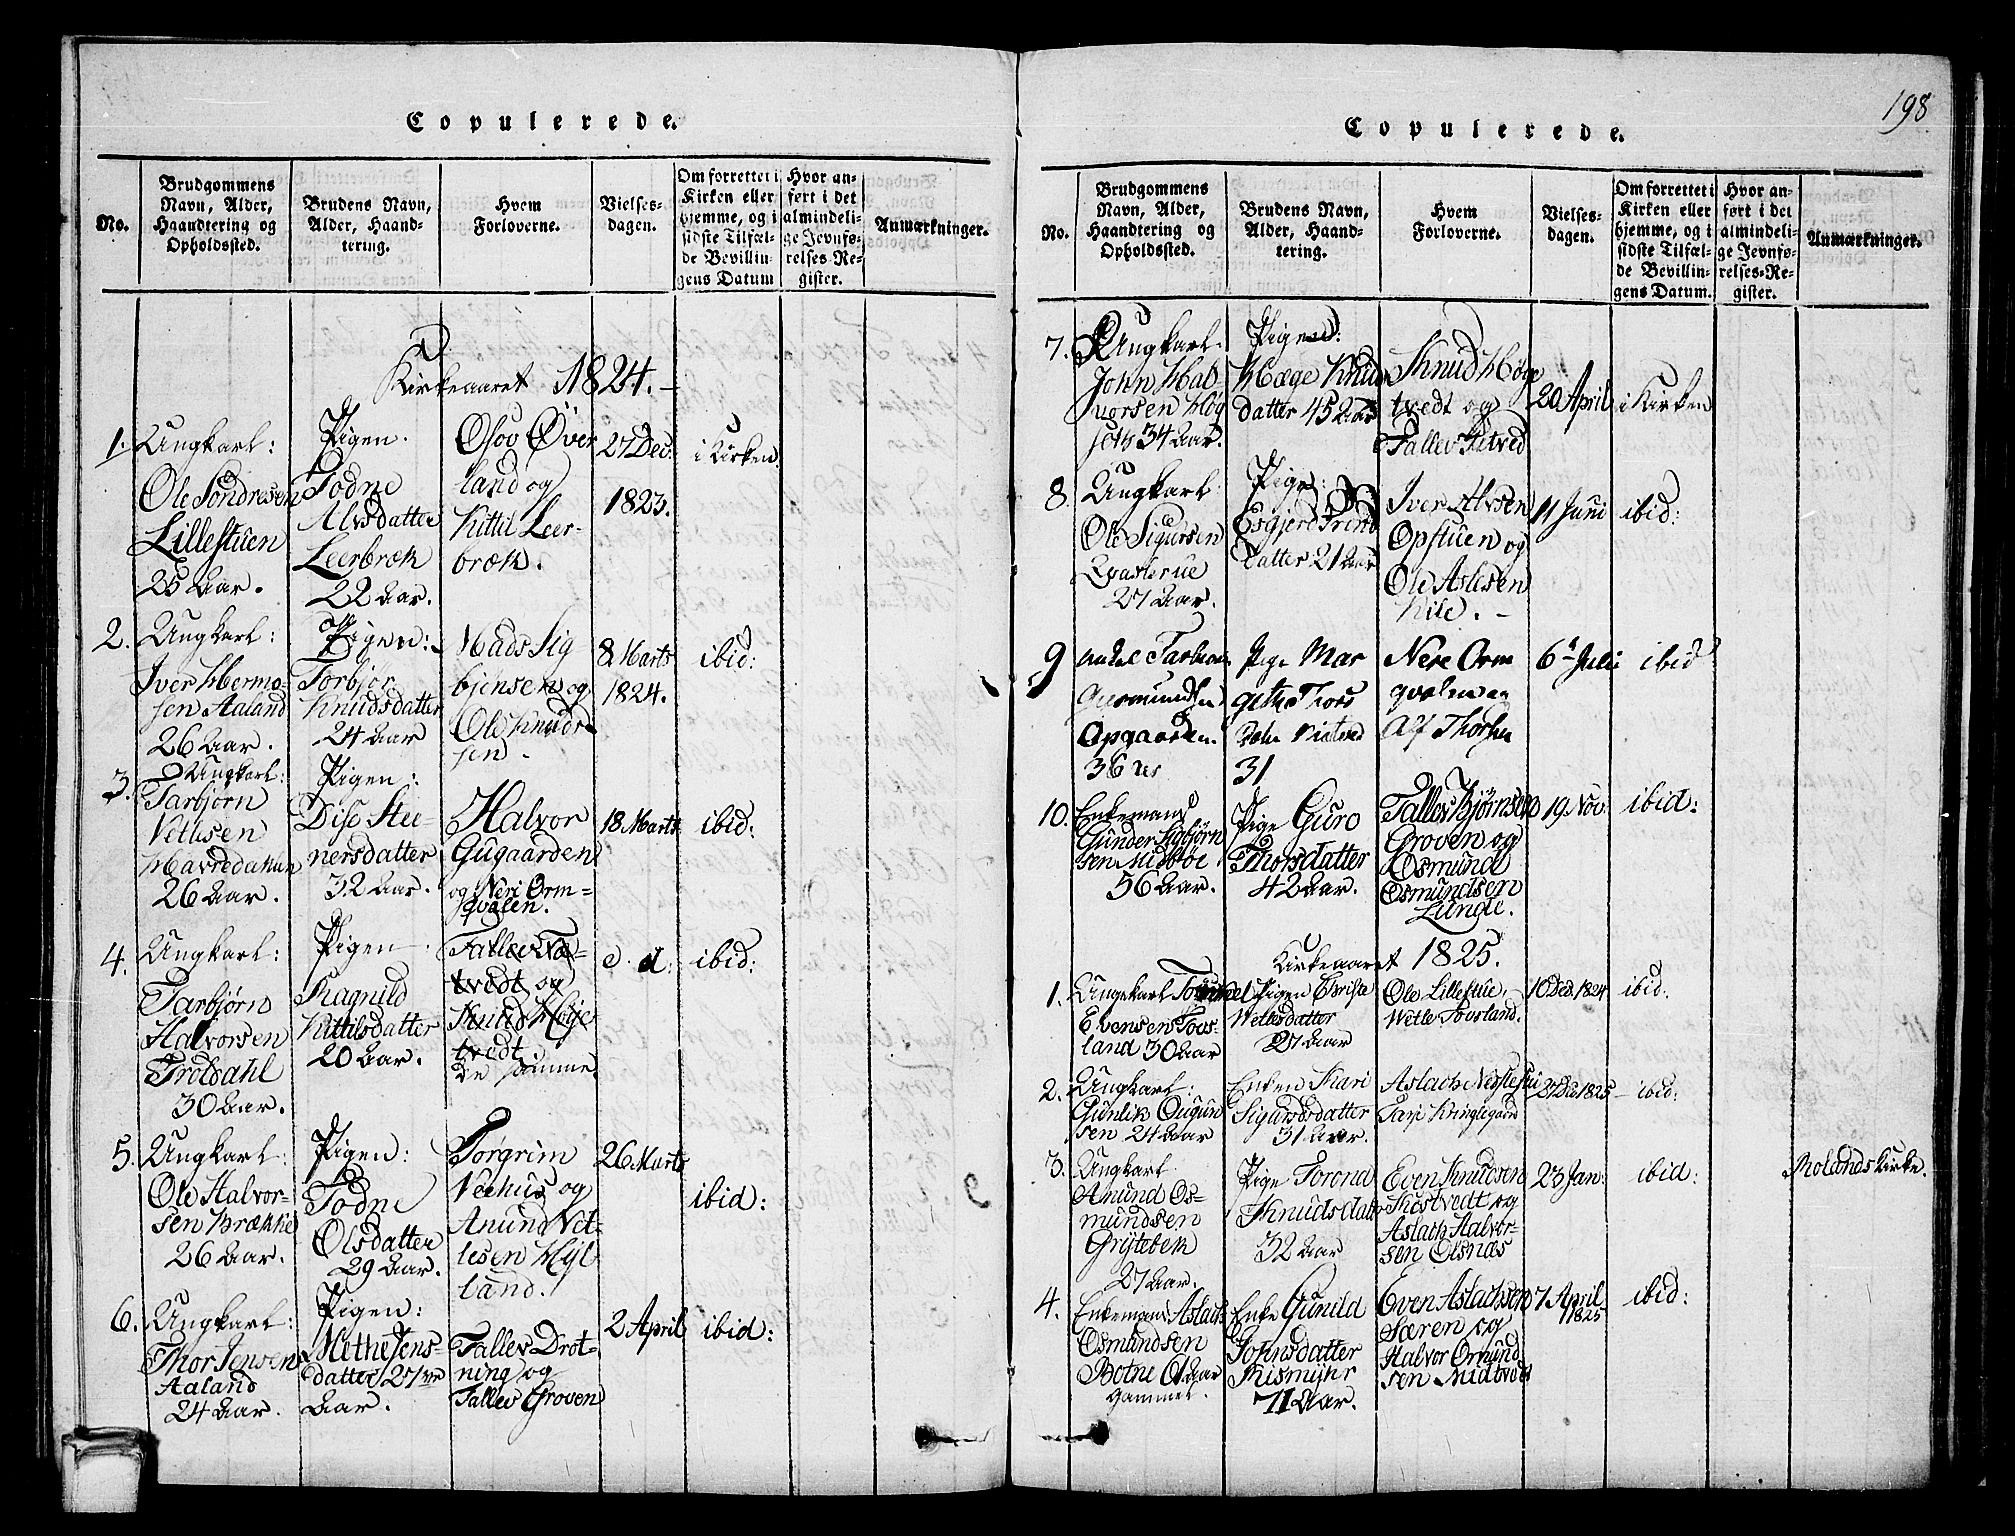 SAKO, Vinje kirkebøker, G/Ga/L0001: Klokkerbok nr. I 1, 1814-1843, s. 198